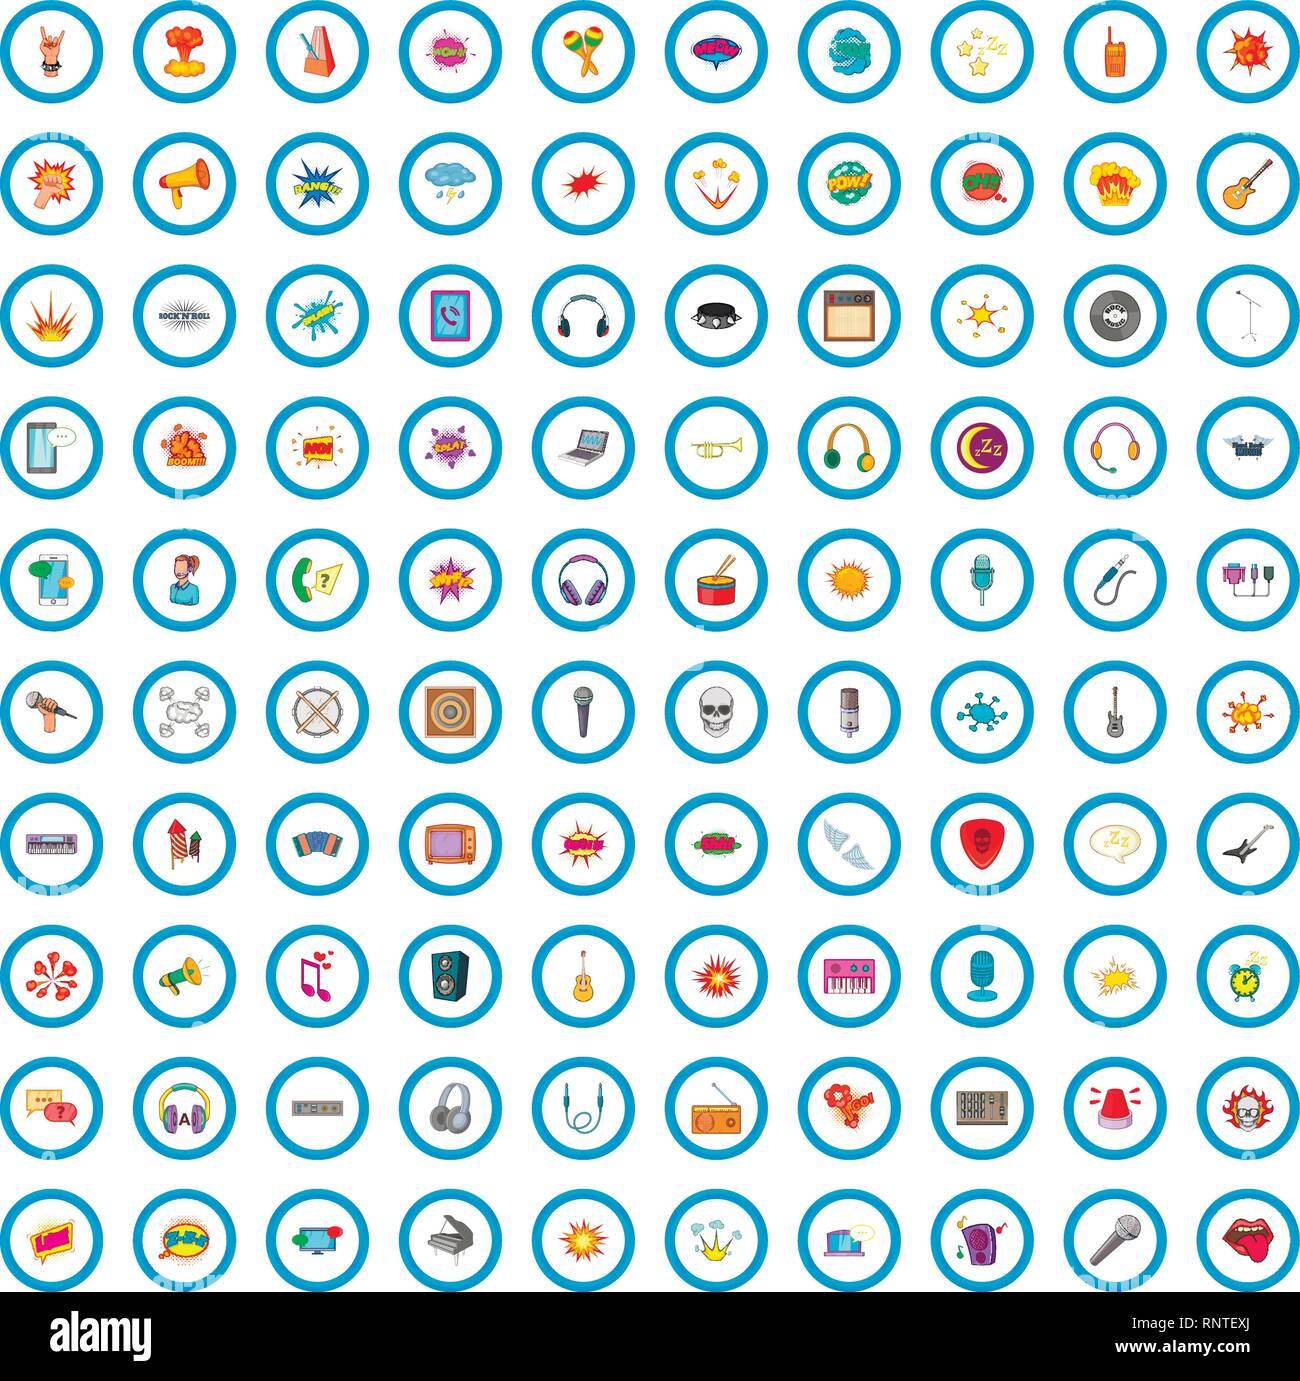 100 audio icons set, cartoon style - Stock Image